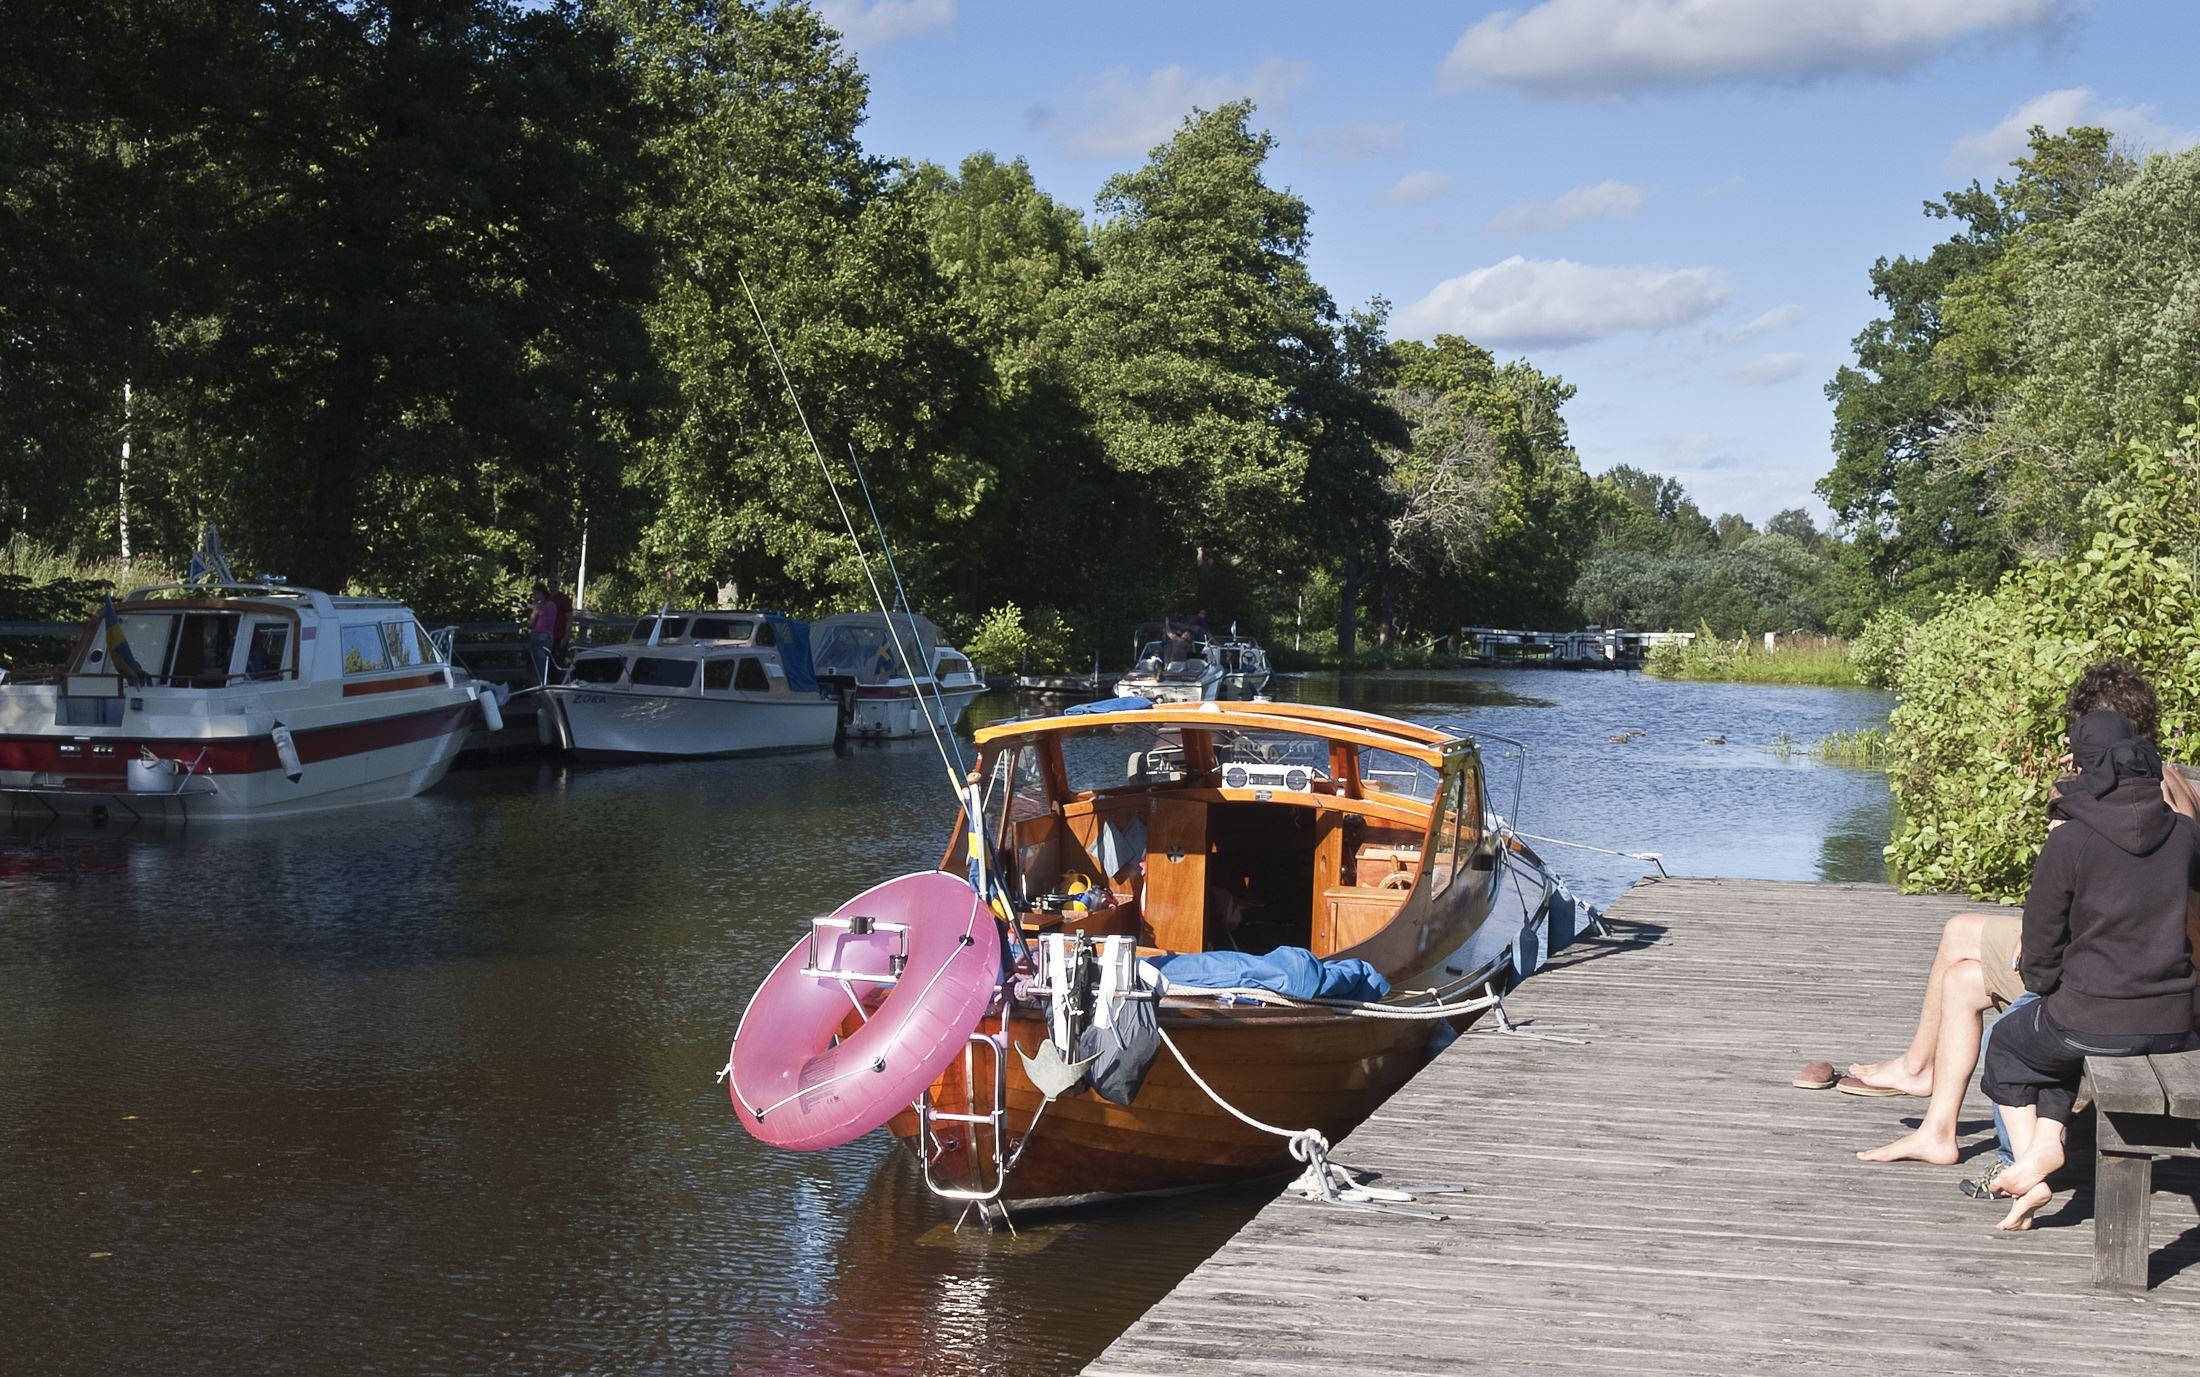 Foto: Gomer,  © Copyright, Strömsholms kanal